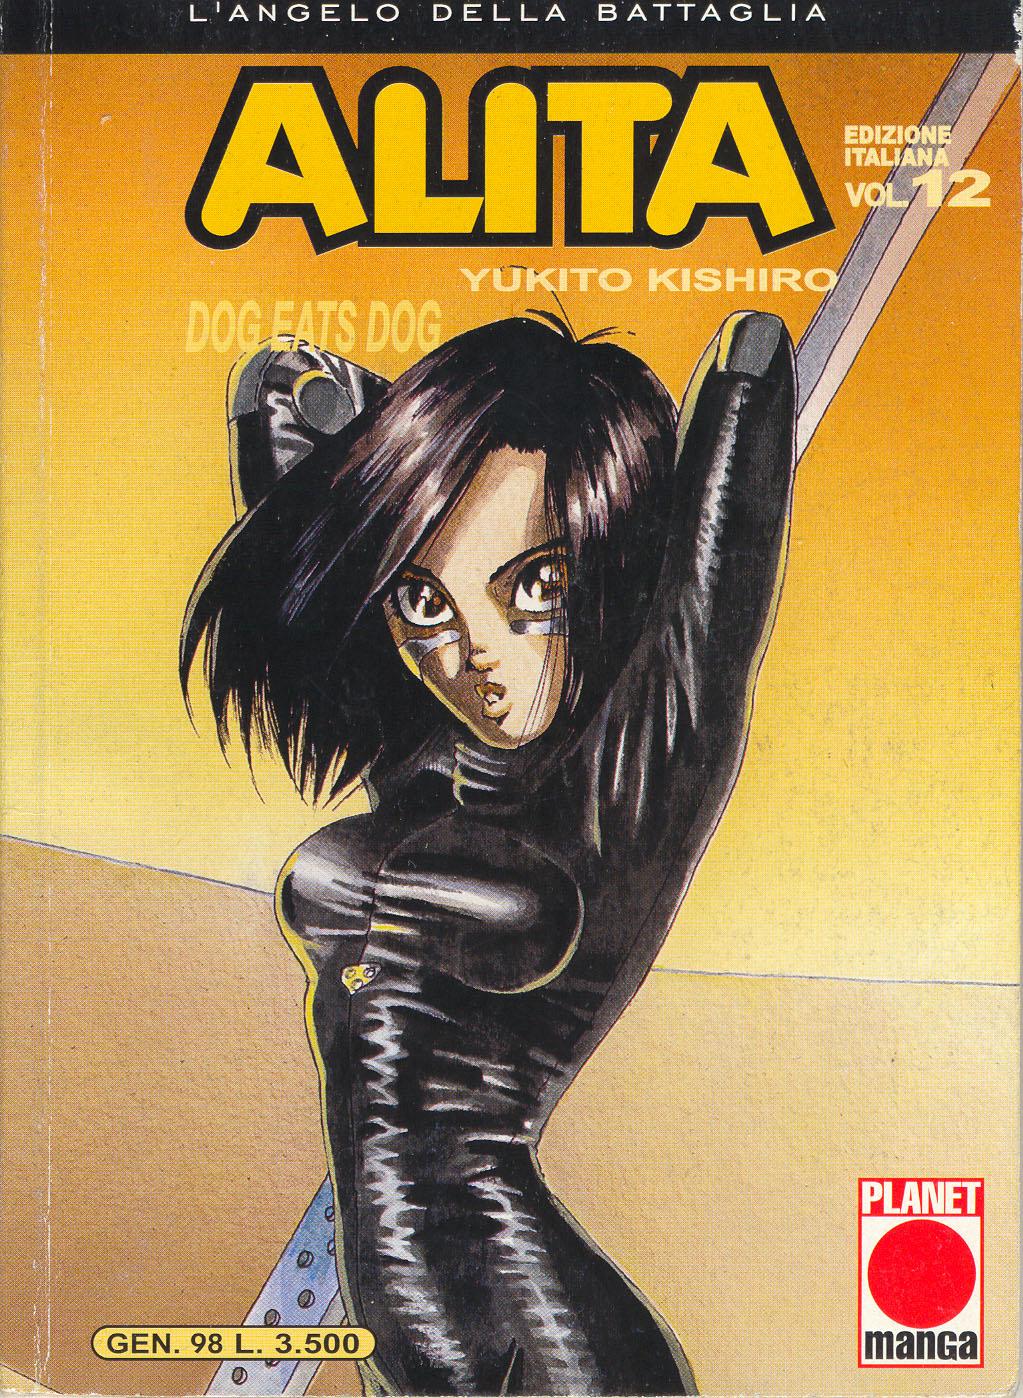 Alita Battle Angel >> Alita l'angelo della battaglia - Wikipedia